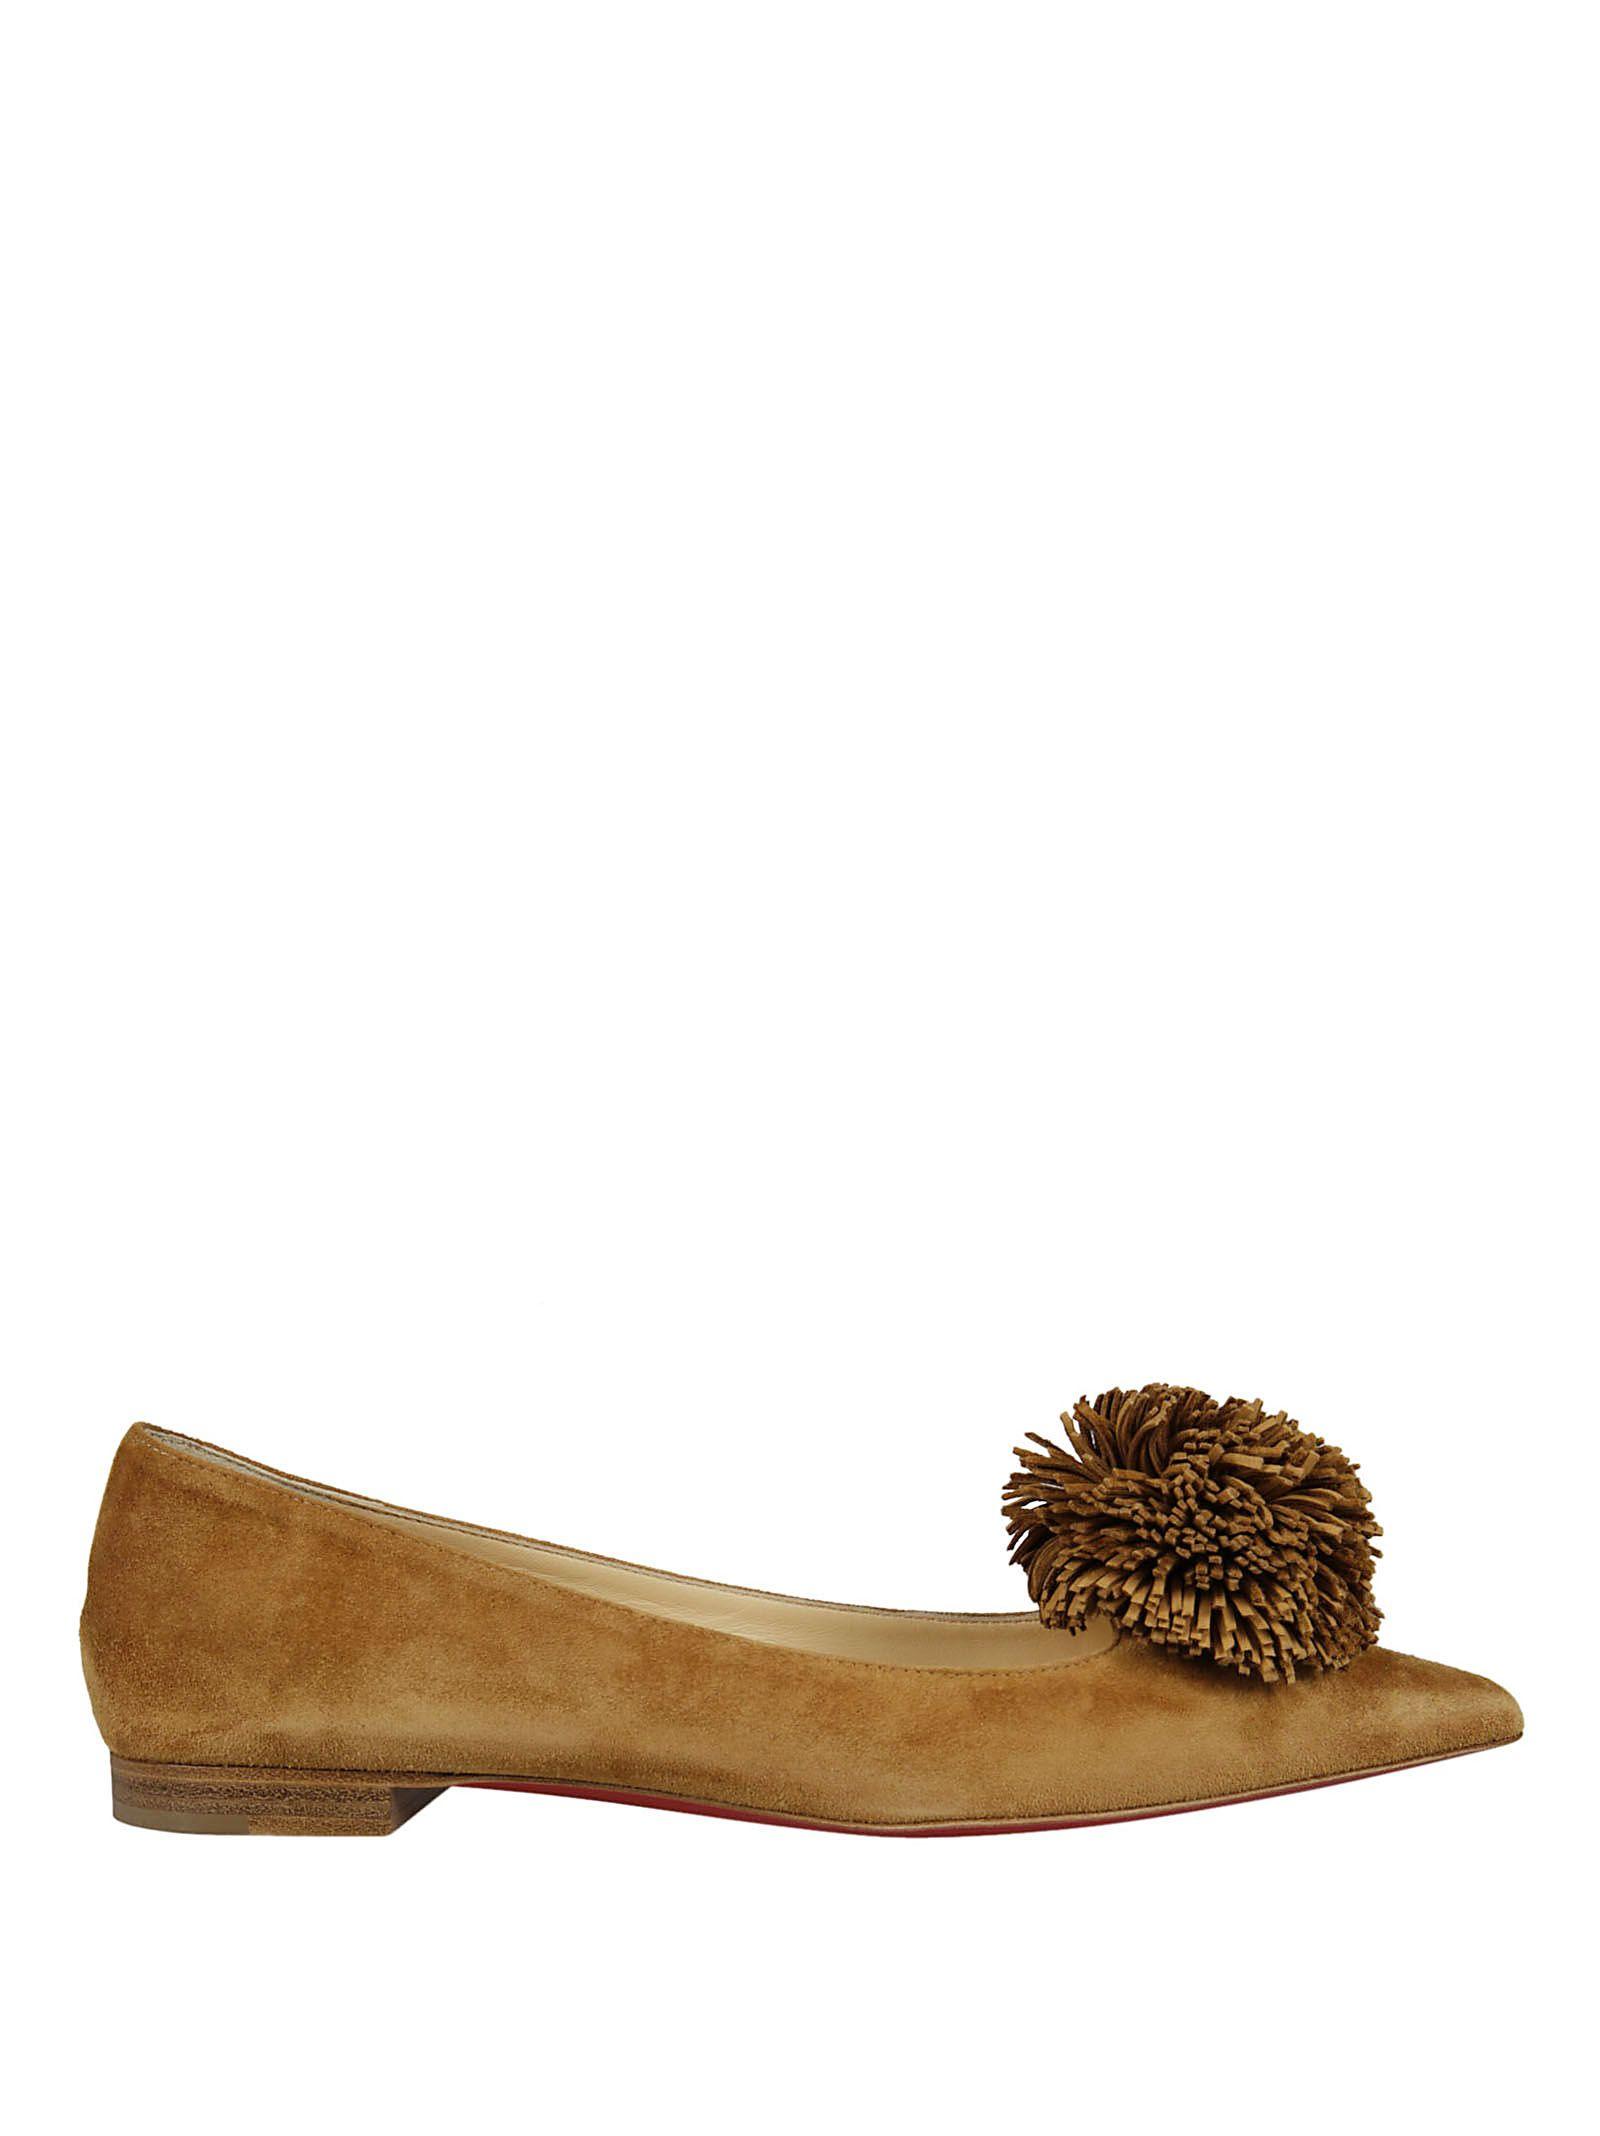 Christian Louboutin konstantina Ballerina Shoes